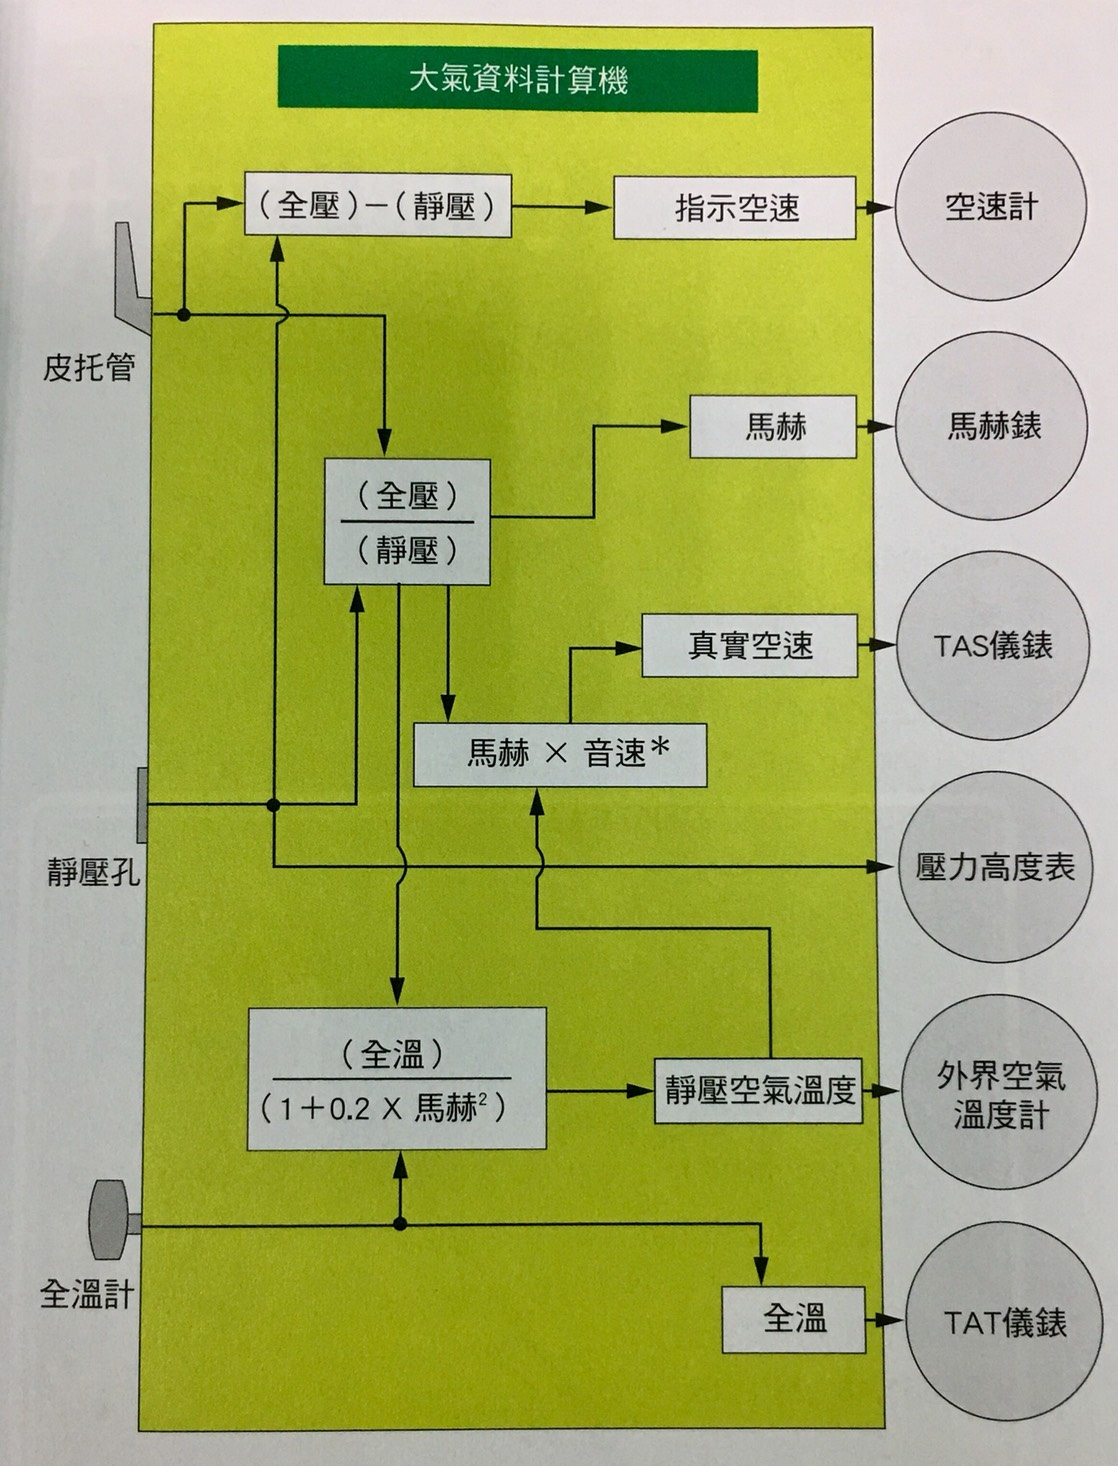 大氣資料計算機